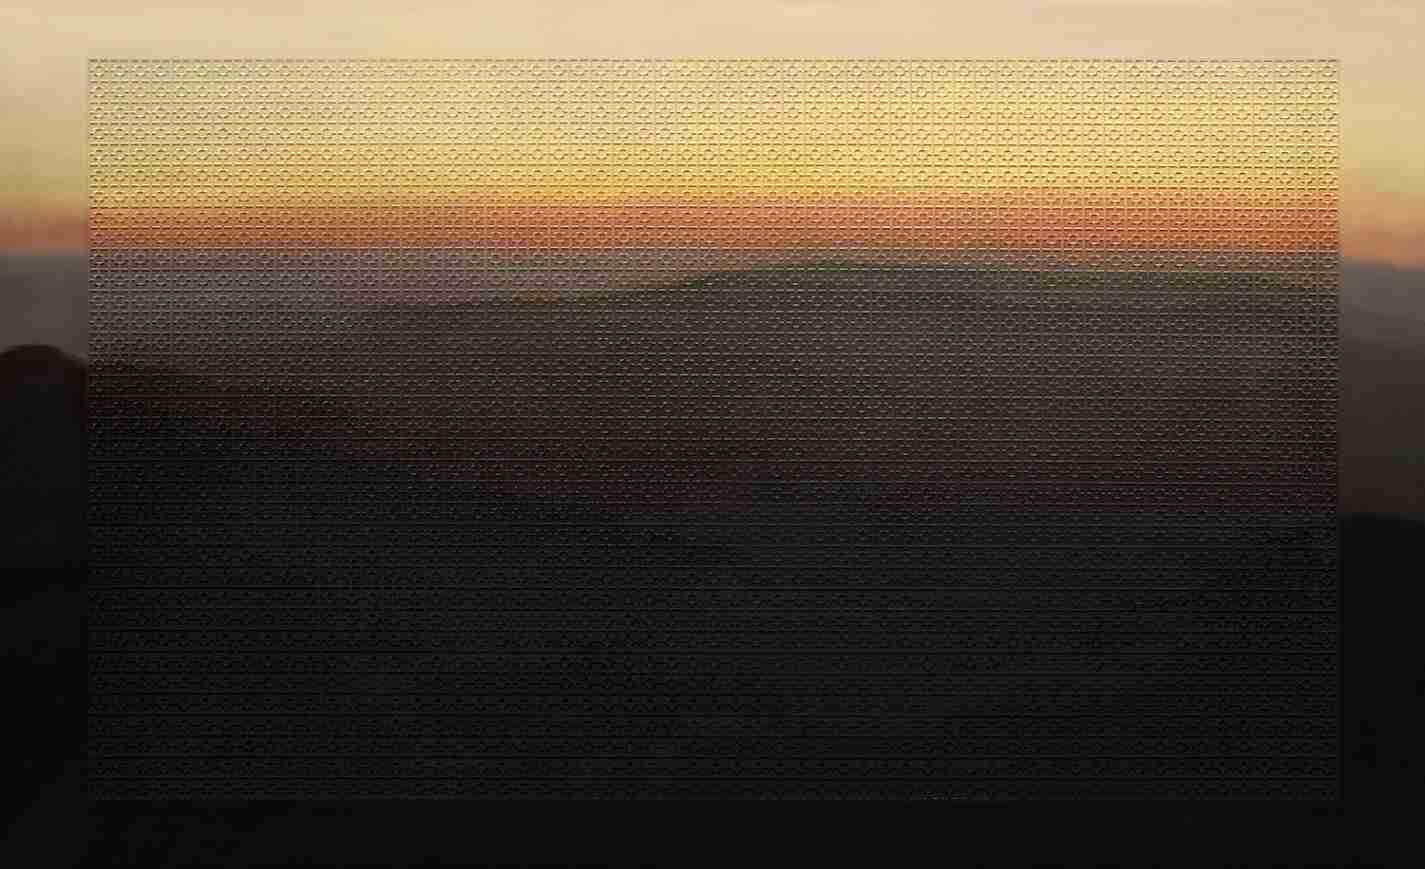 Obra: Amanecer en el pico Turquino